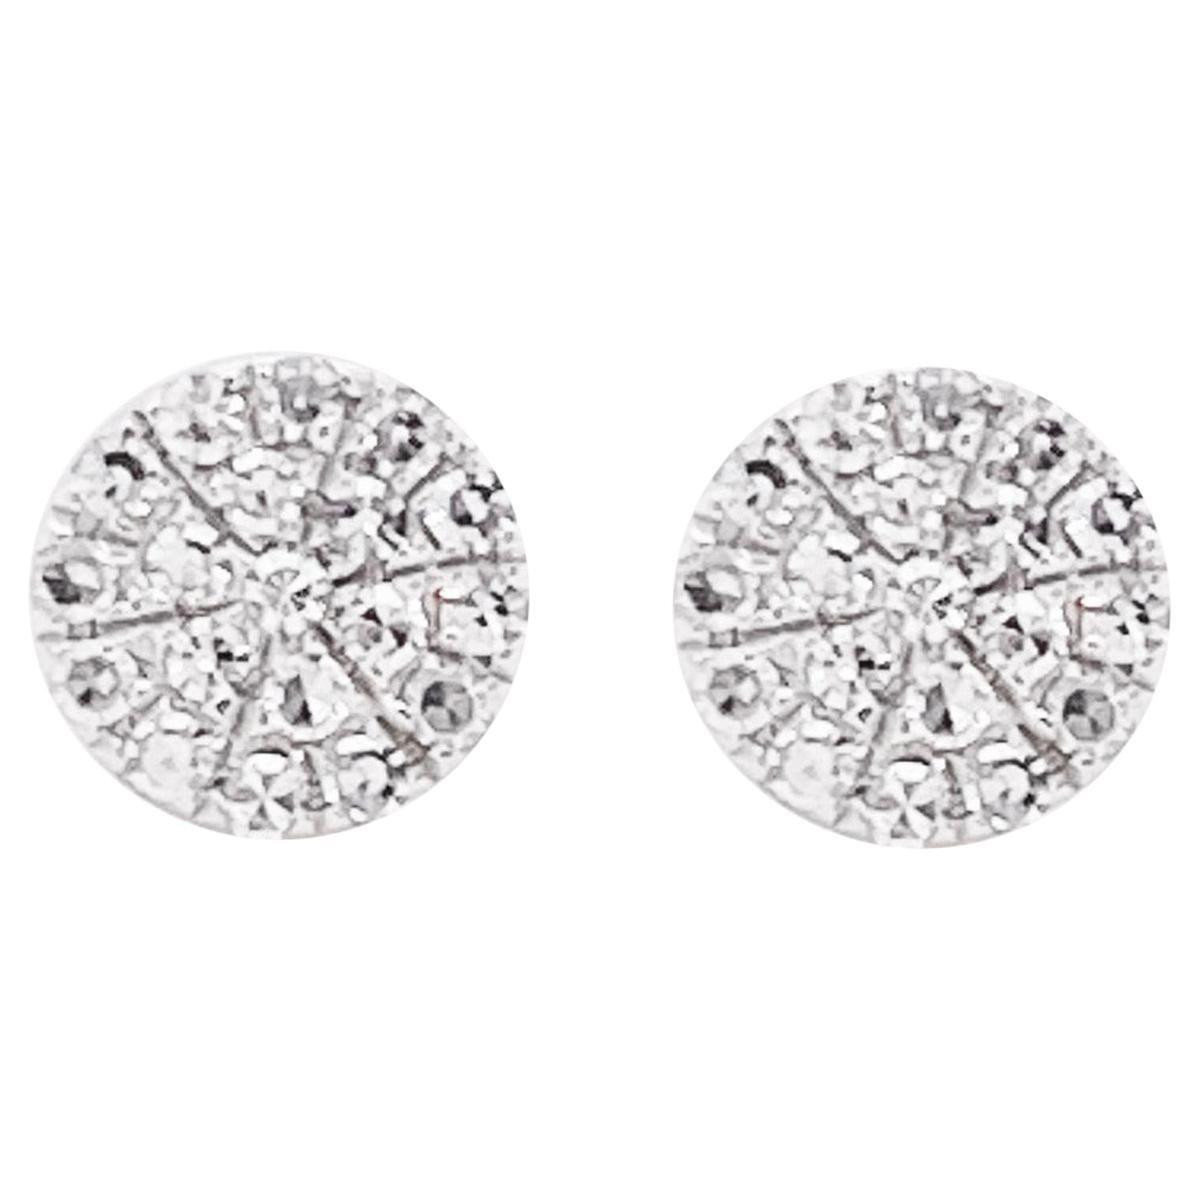 Pave Diamond Earrings, 14 Karat White Gold Round Pave Studs, Diamond Studs